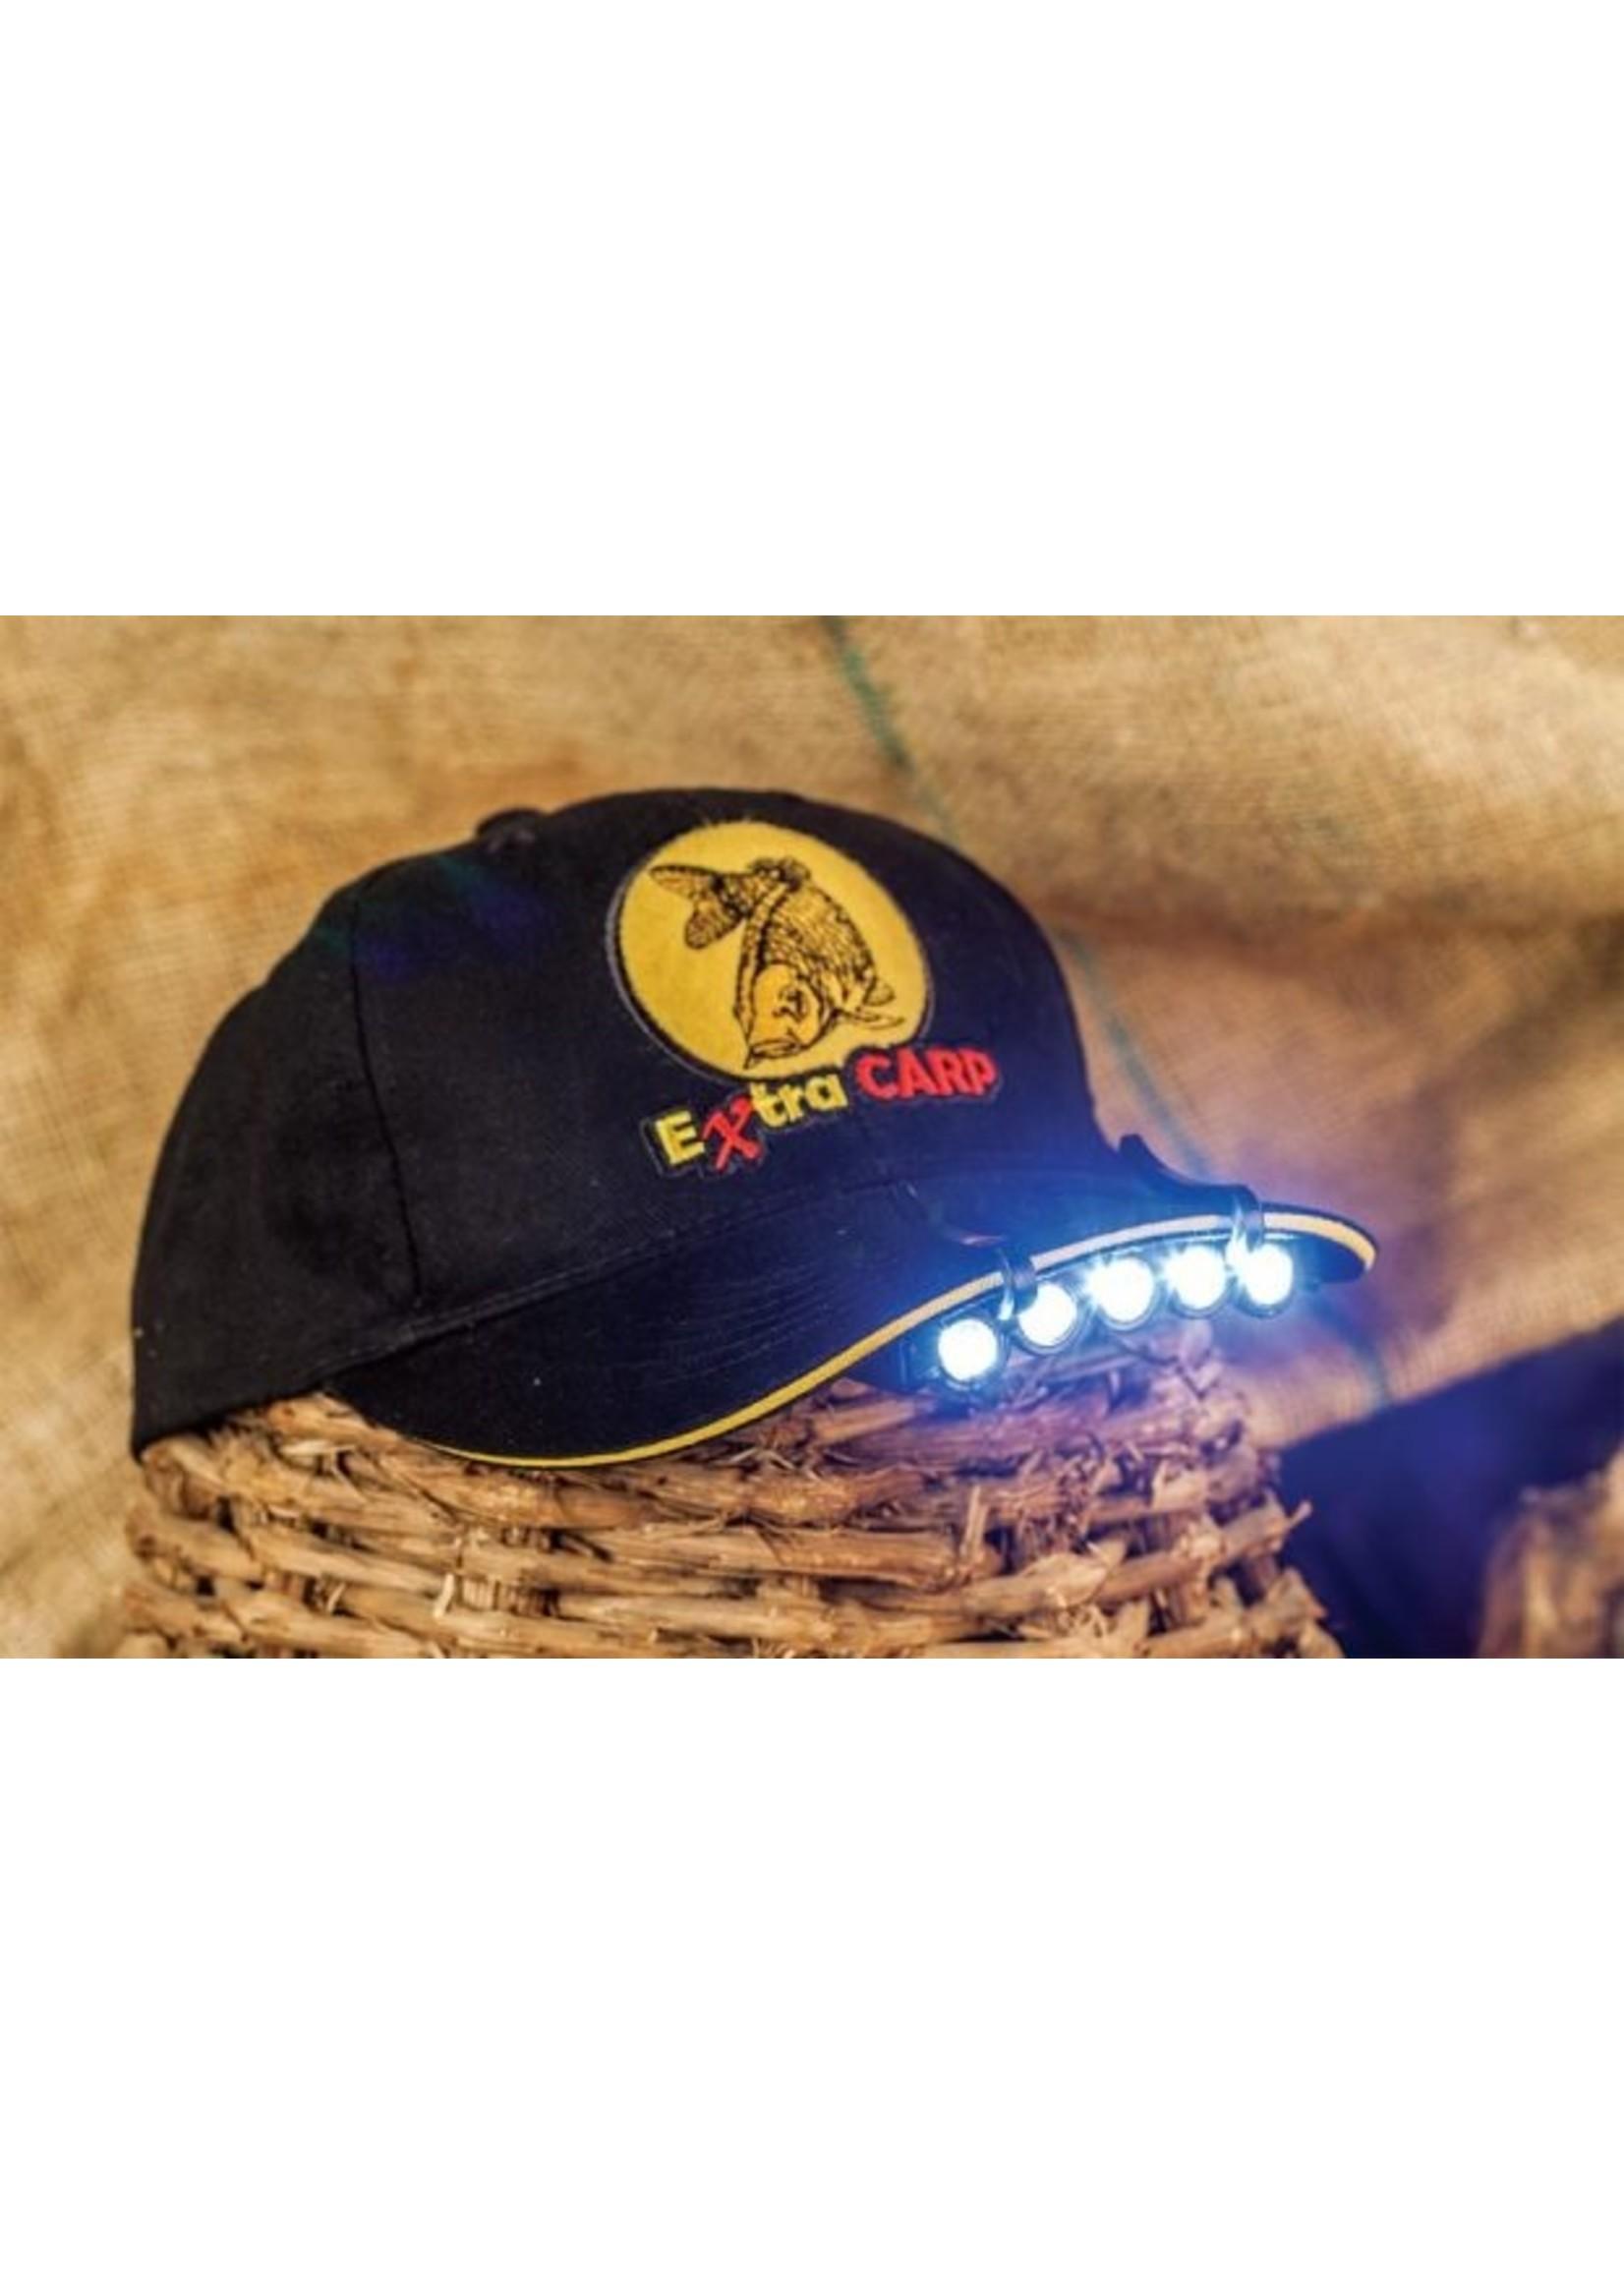 Extra Carp Extra Carp Headlamp for Cap (Pet lamp) 5 LEDsHeadlamp for Cap (Pet lamp) 5 LEDs